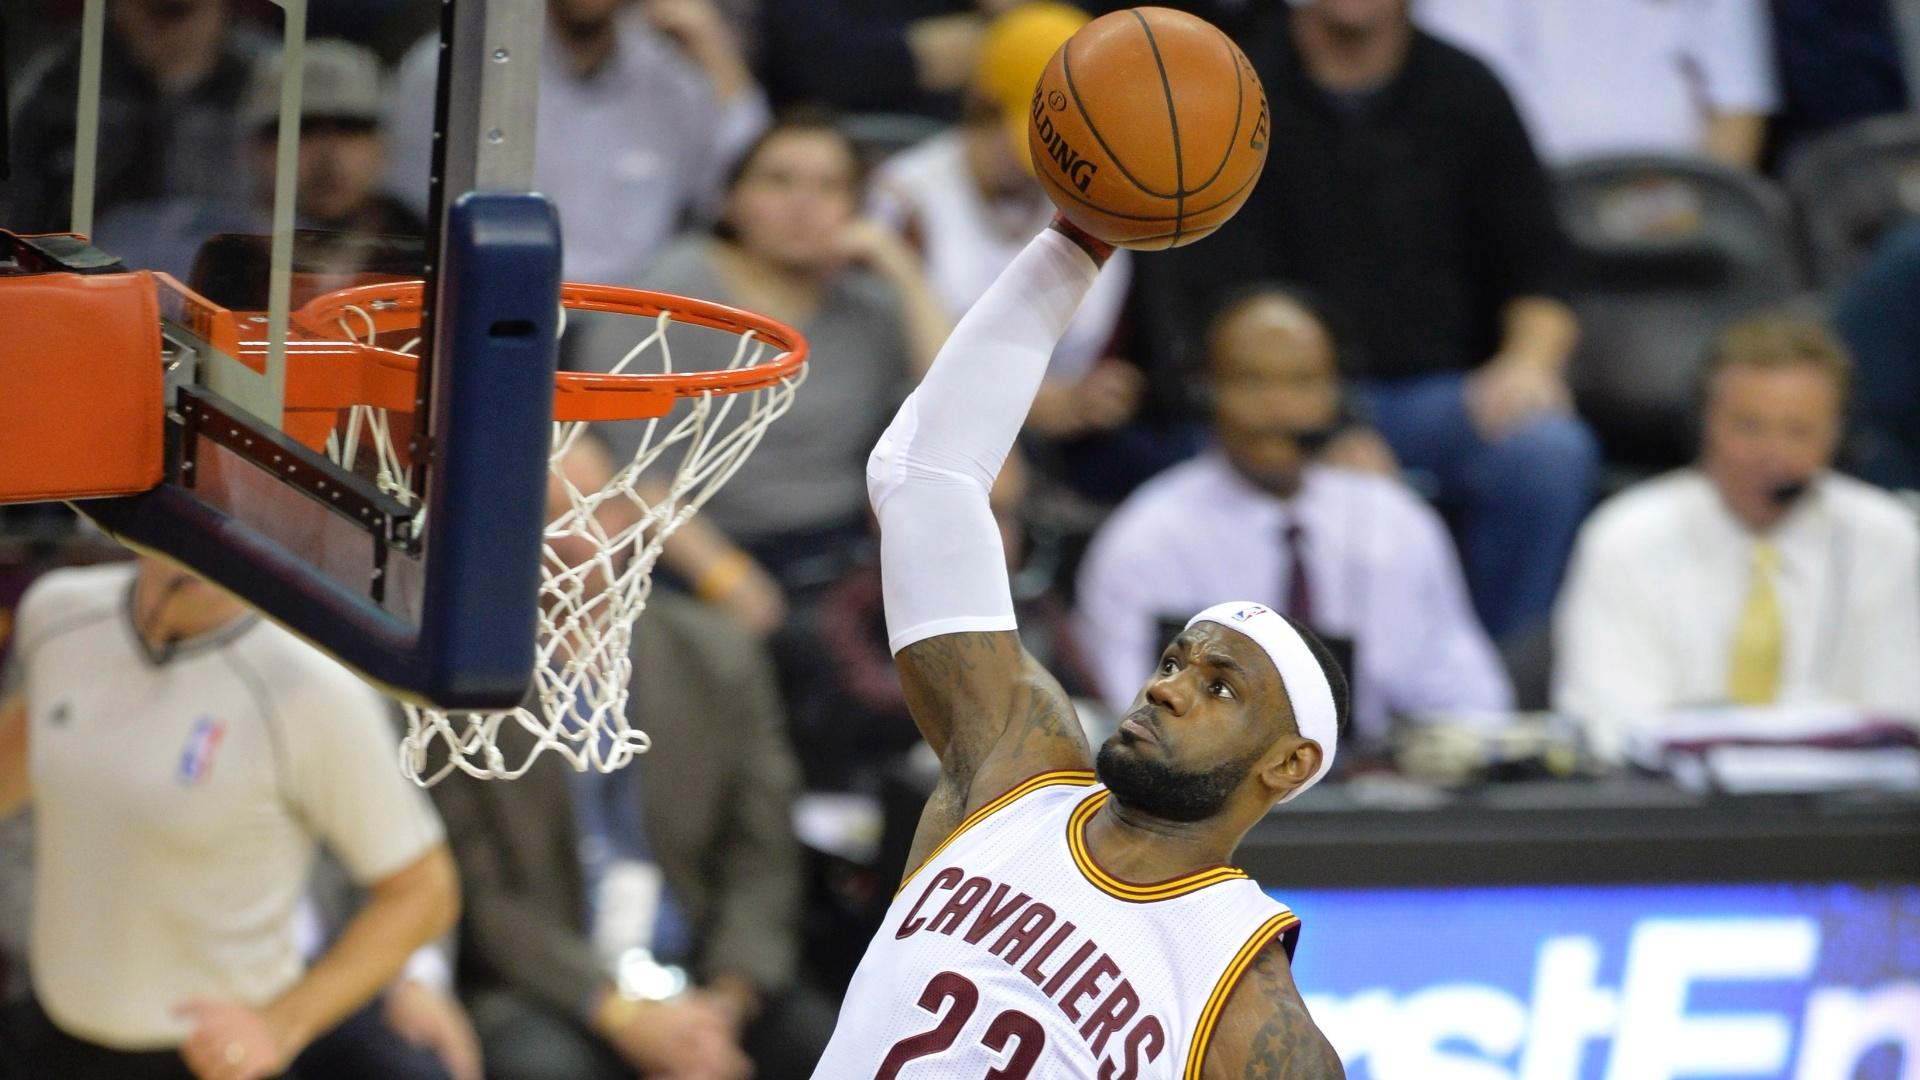 24.nov.2014 - LeBron James converte enterrada para o Cleveland Cavaliers em vitória sobre o Orlando Magic